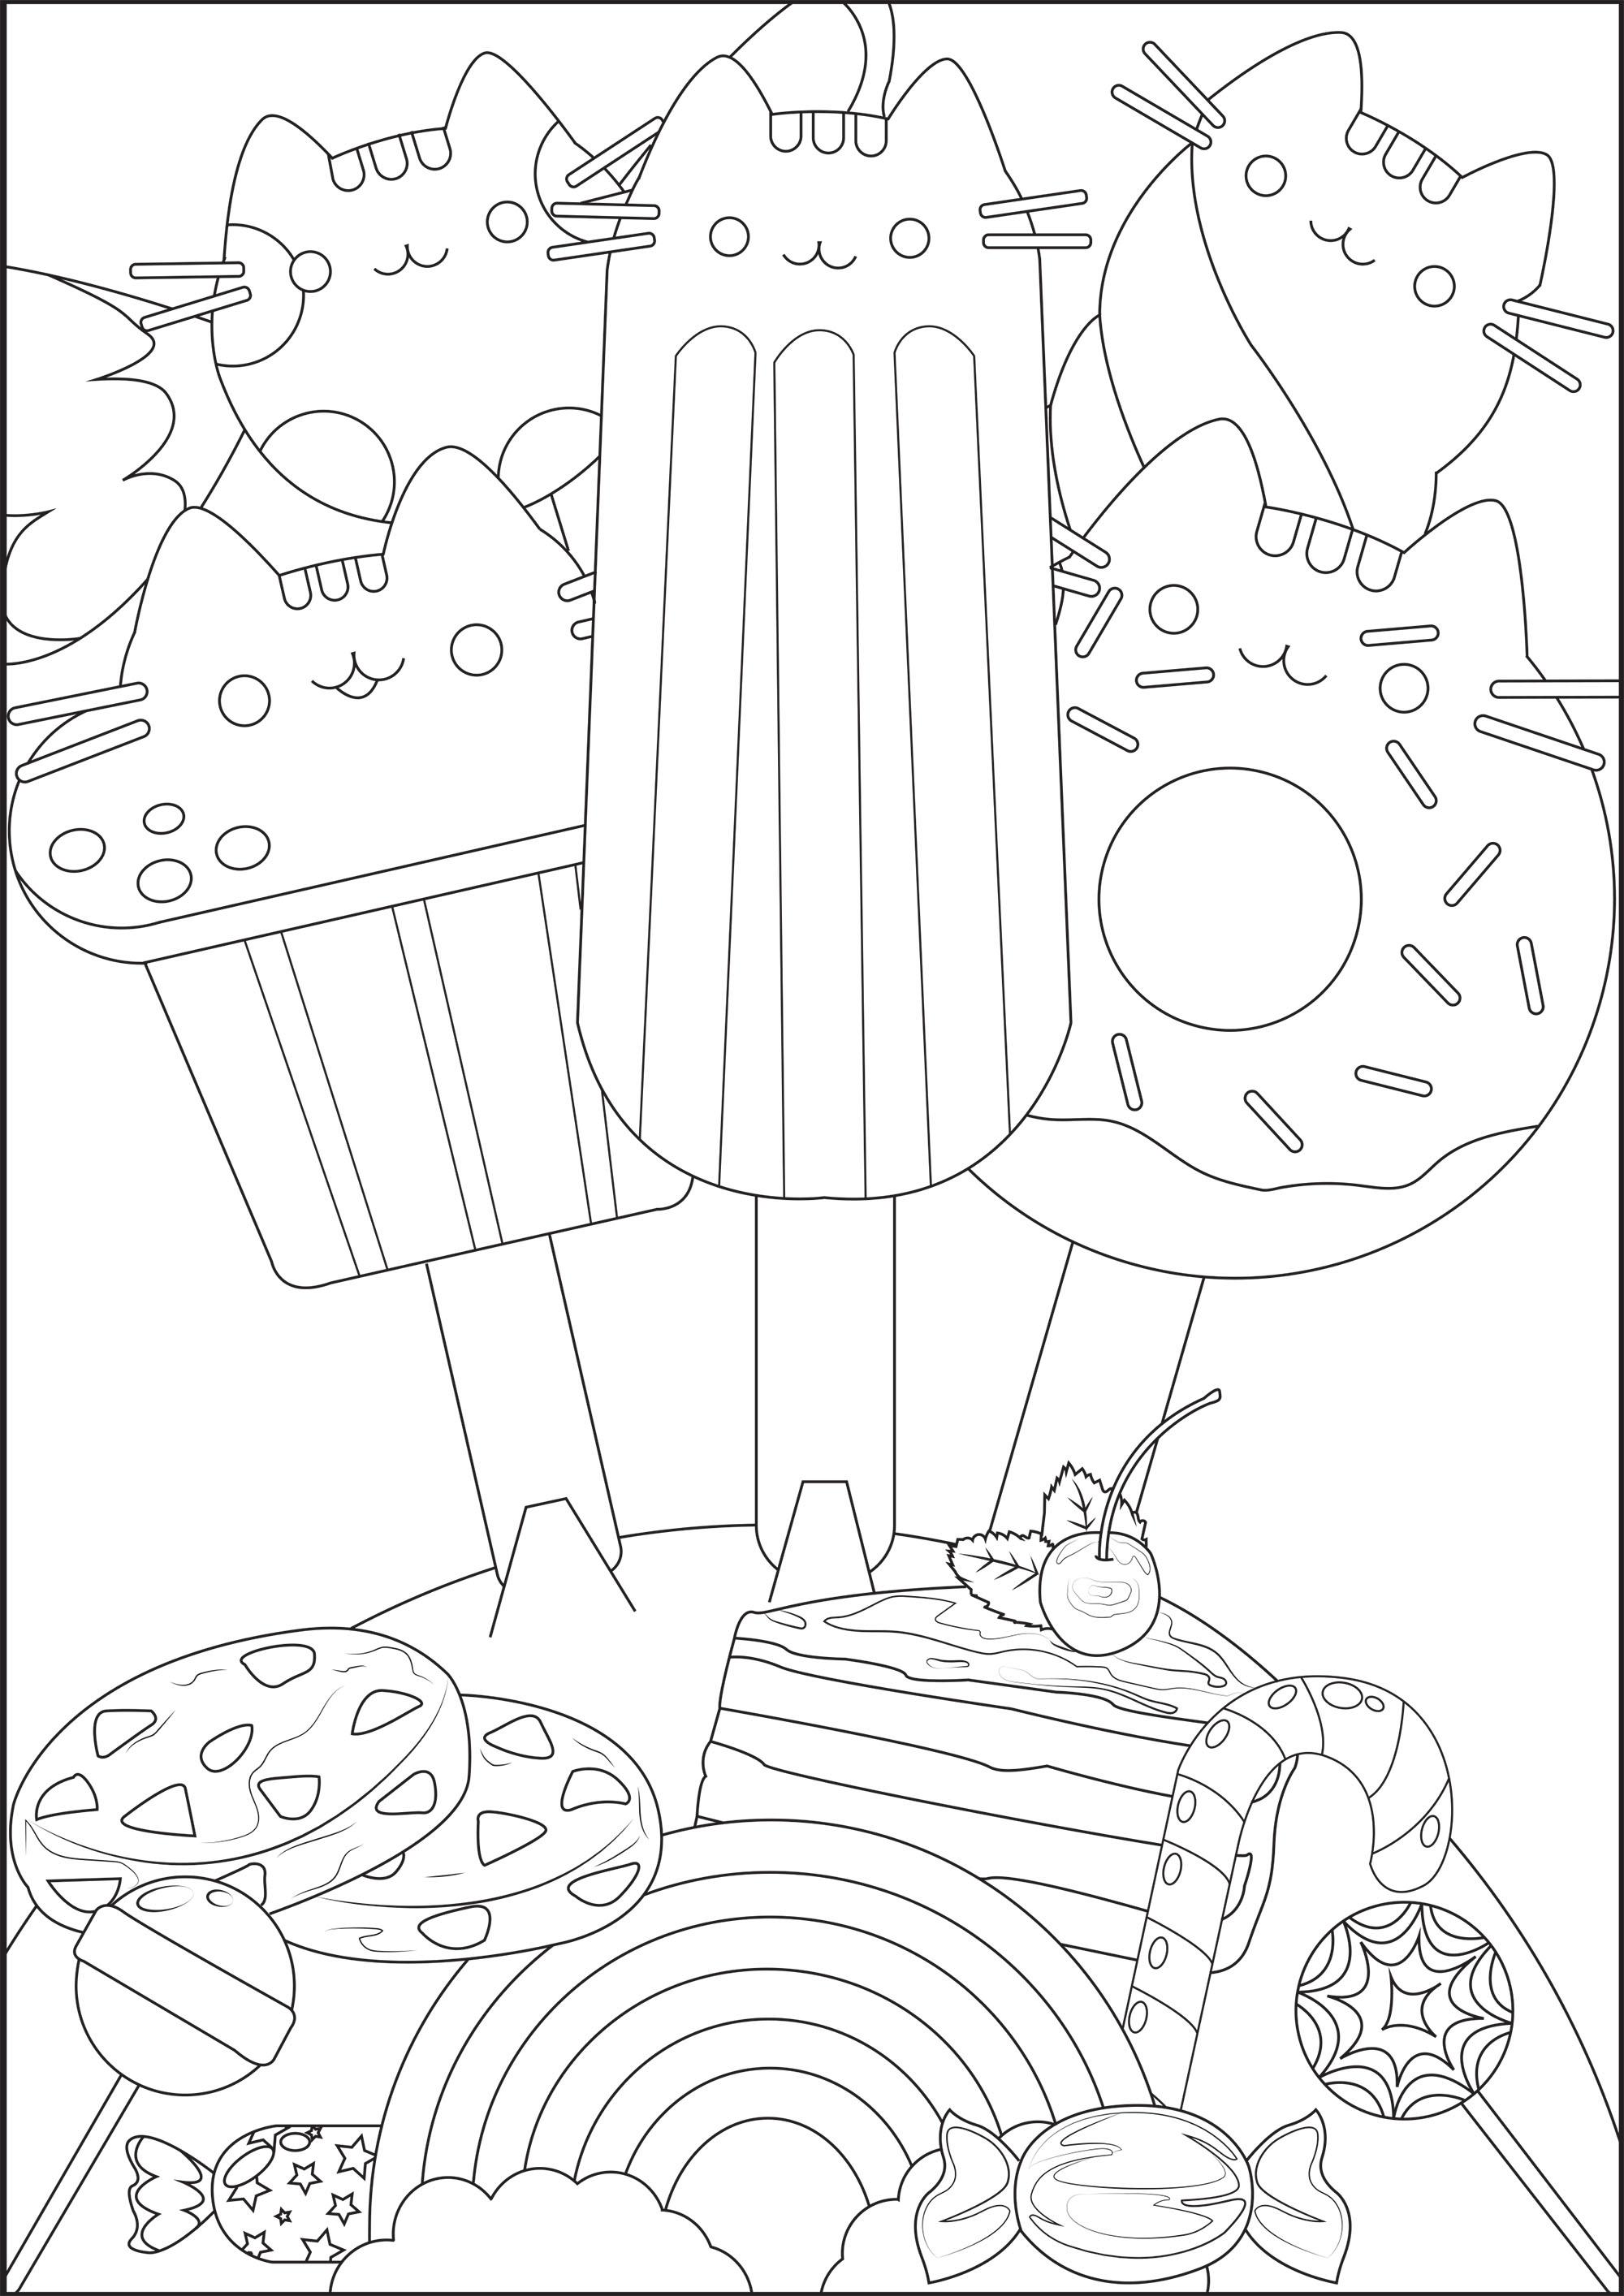 Coloriez ces jolies glaces avec têtes de Pusheen, gateaux et autres bonbons